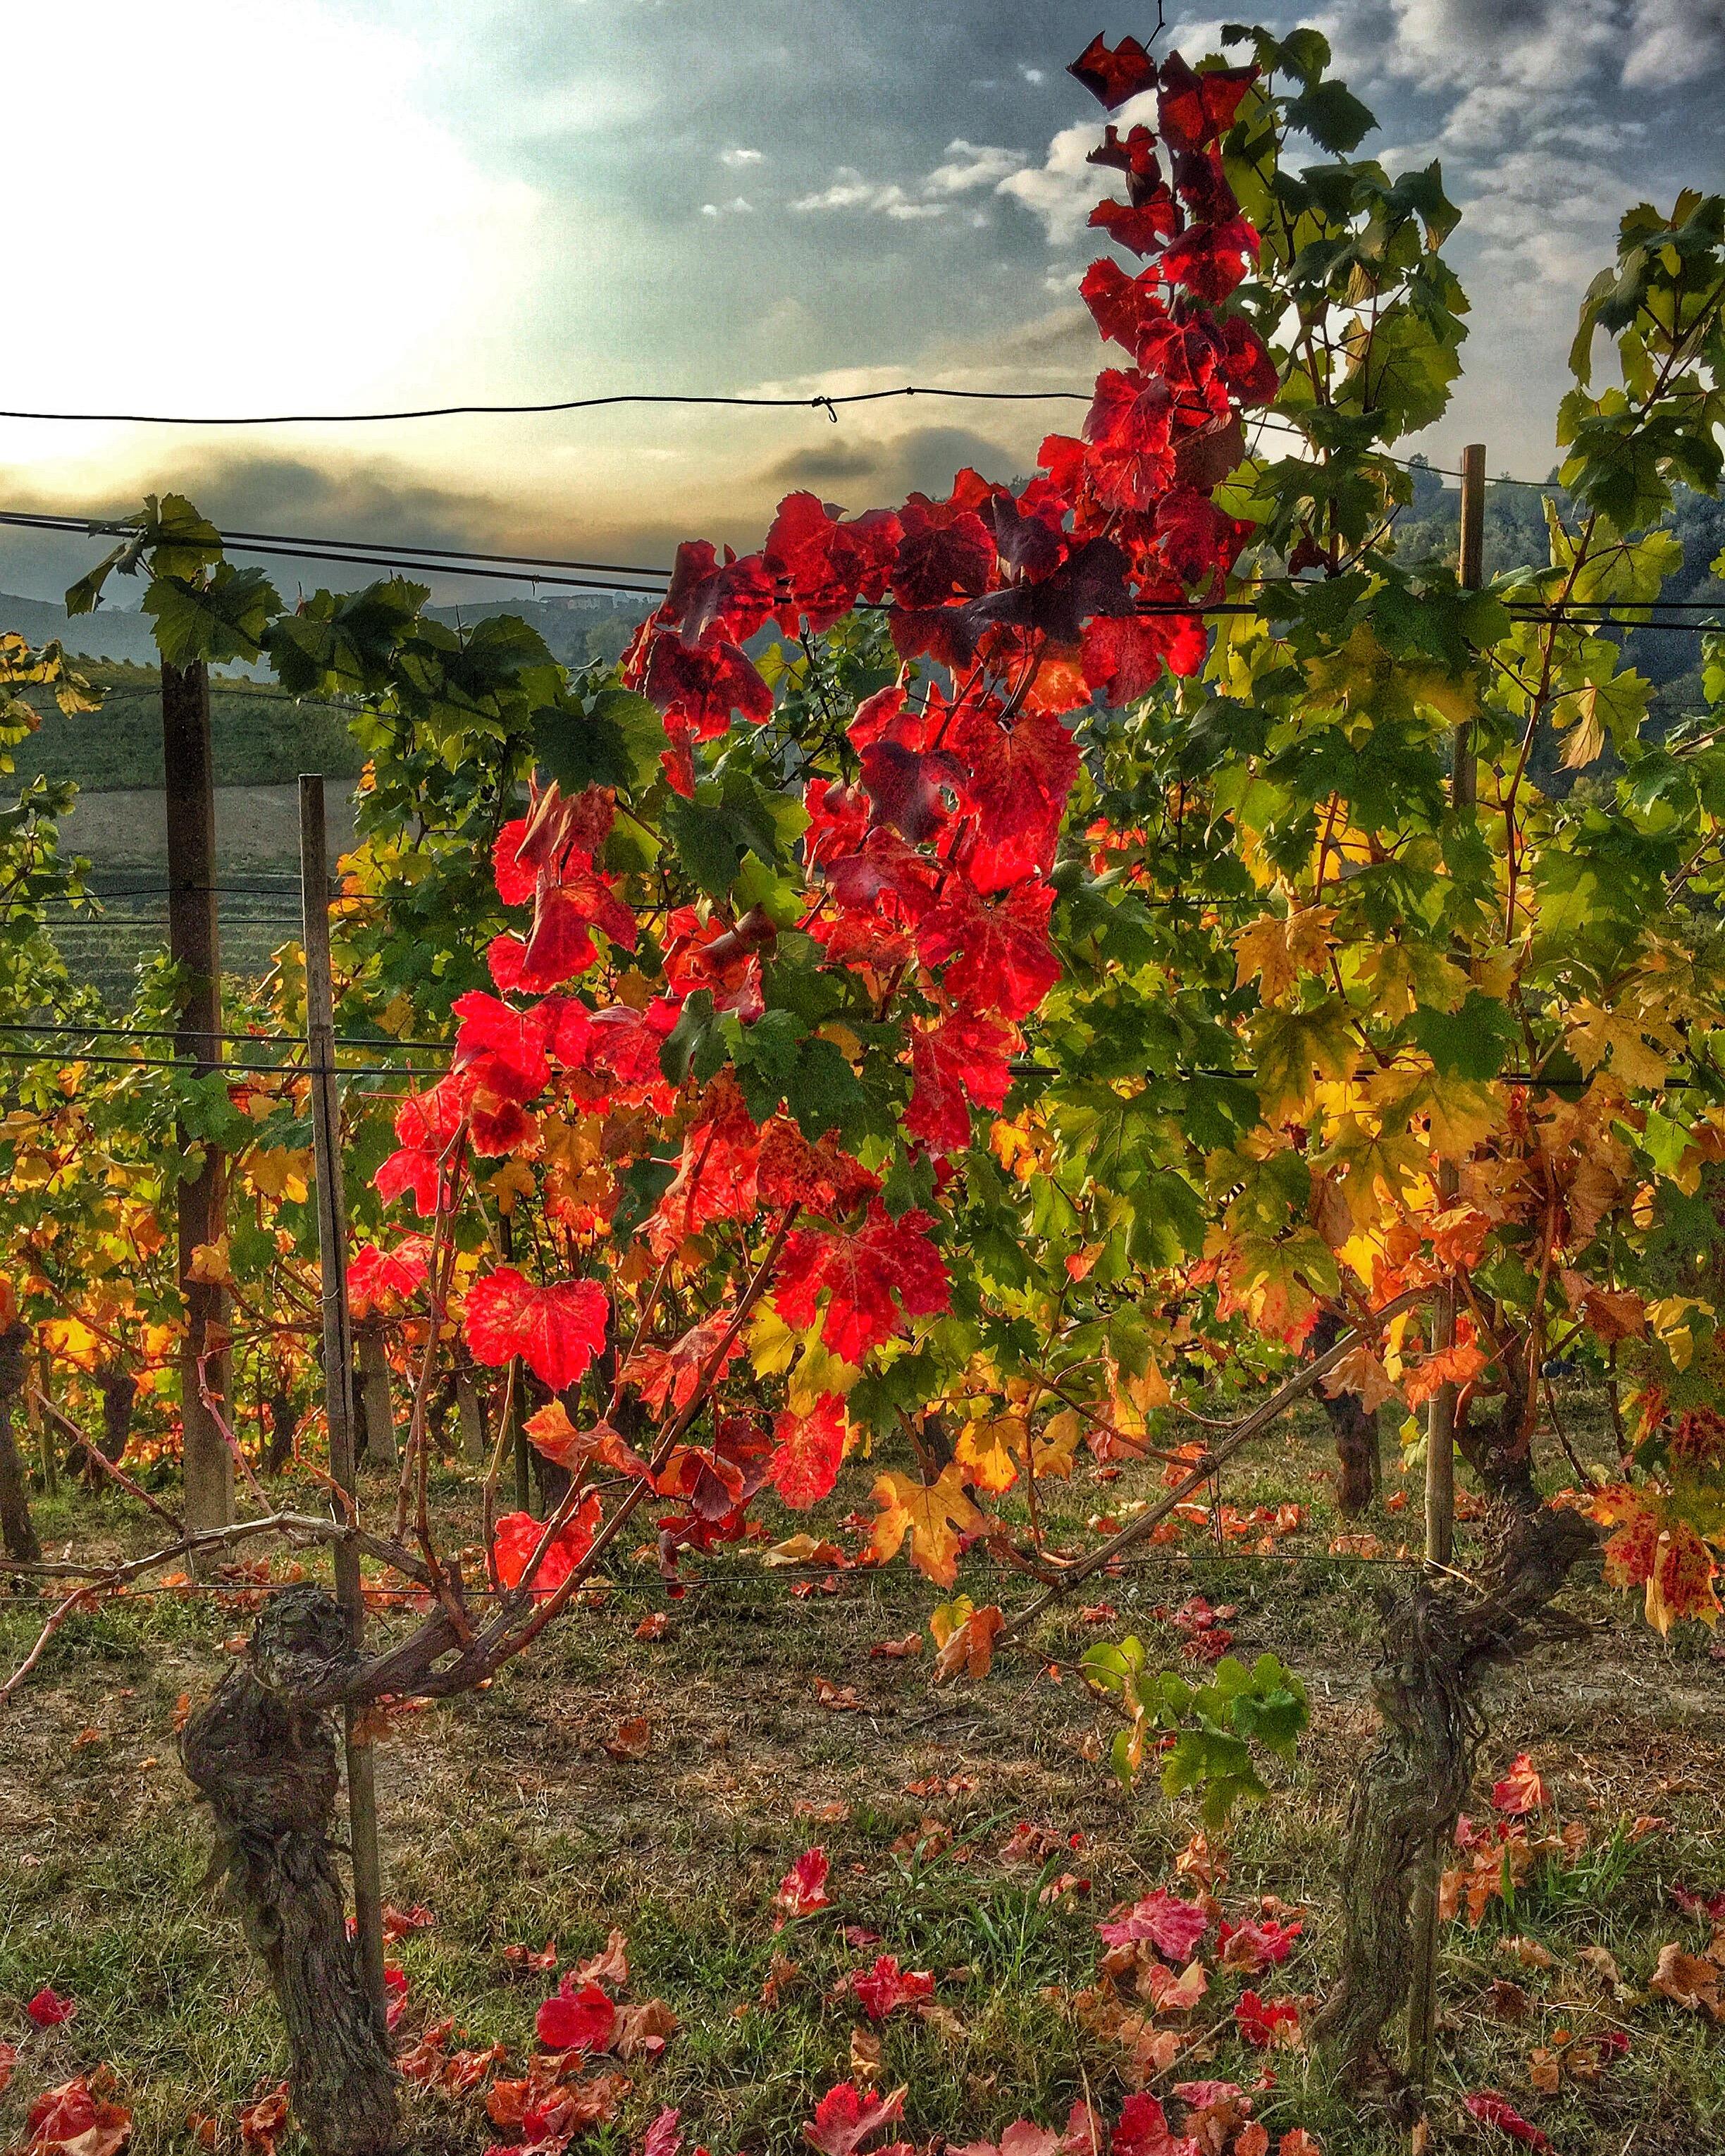 SALVANO vineyard photo.JPG